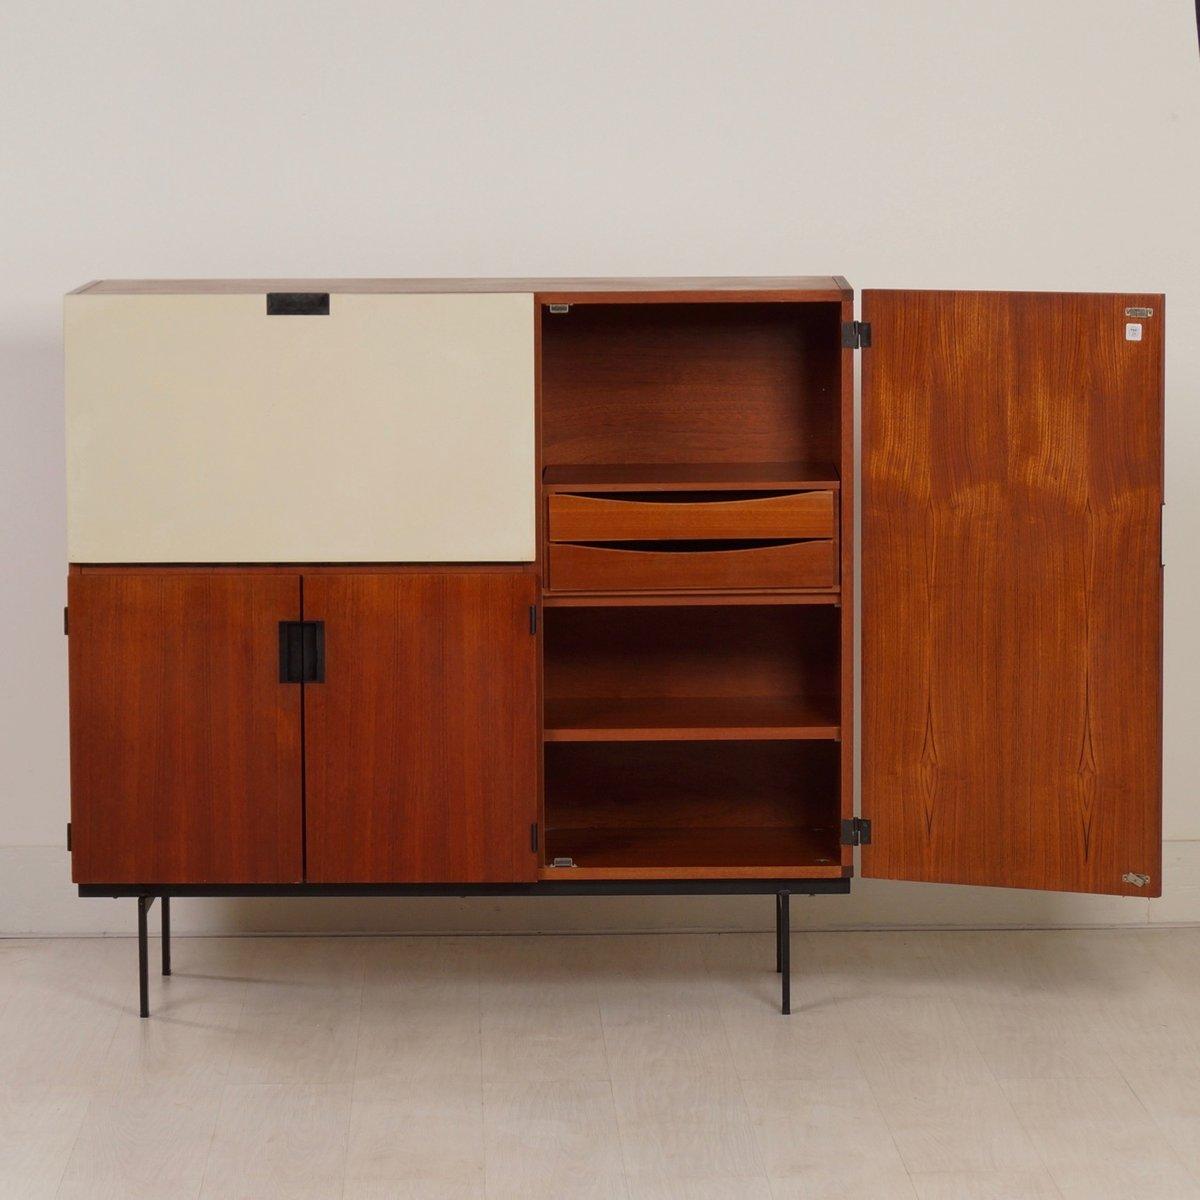 cu06 schrank von cees braakman f r pastoe 1958 bei pamono kaufen. Black Bedroom Furniture Sets. Home Design Ideas